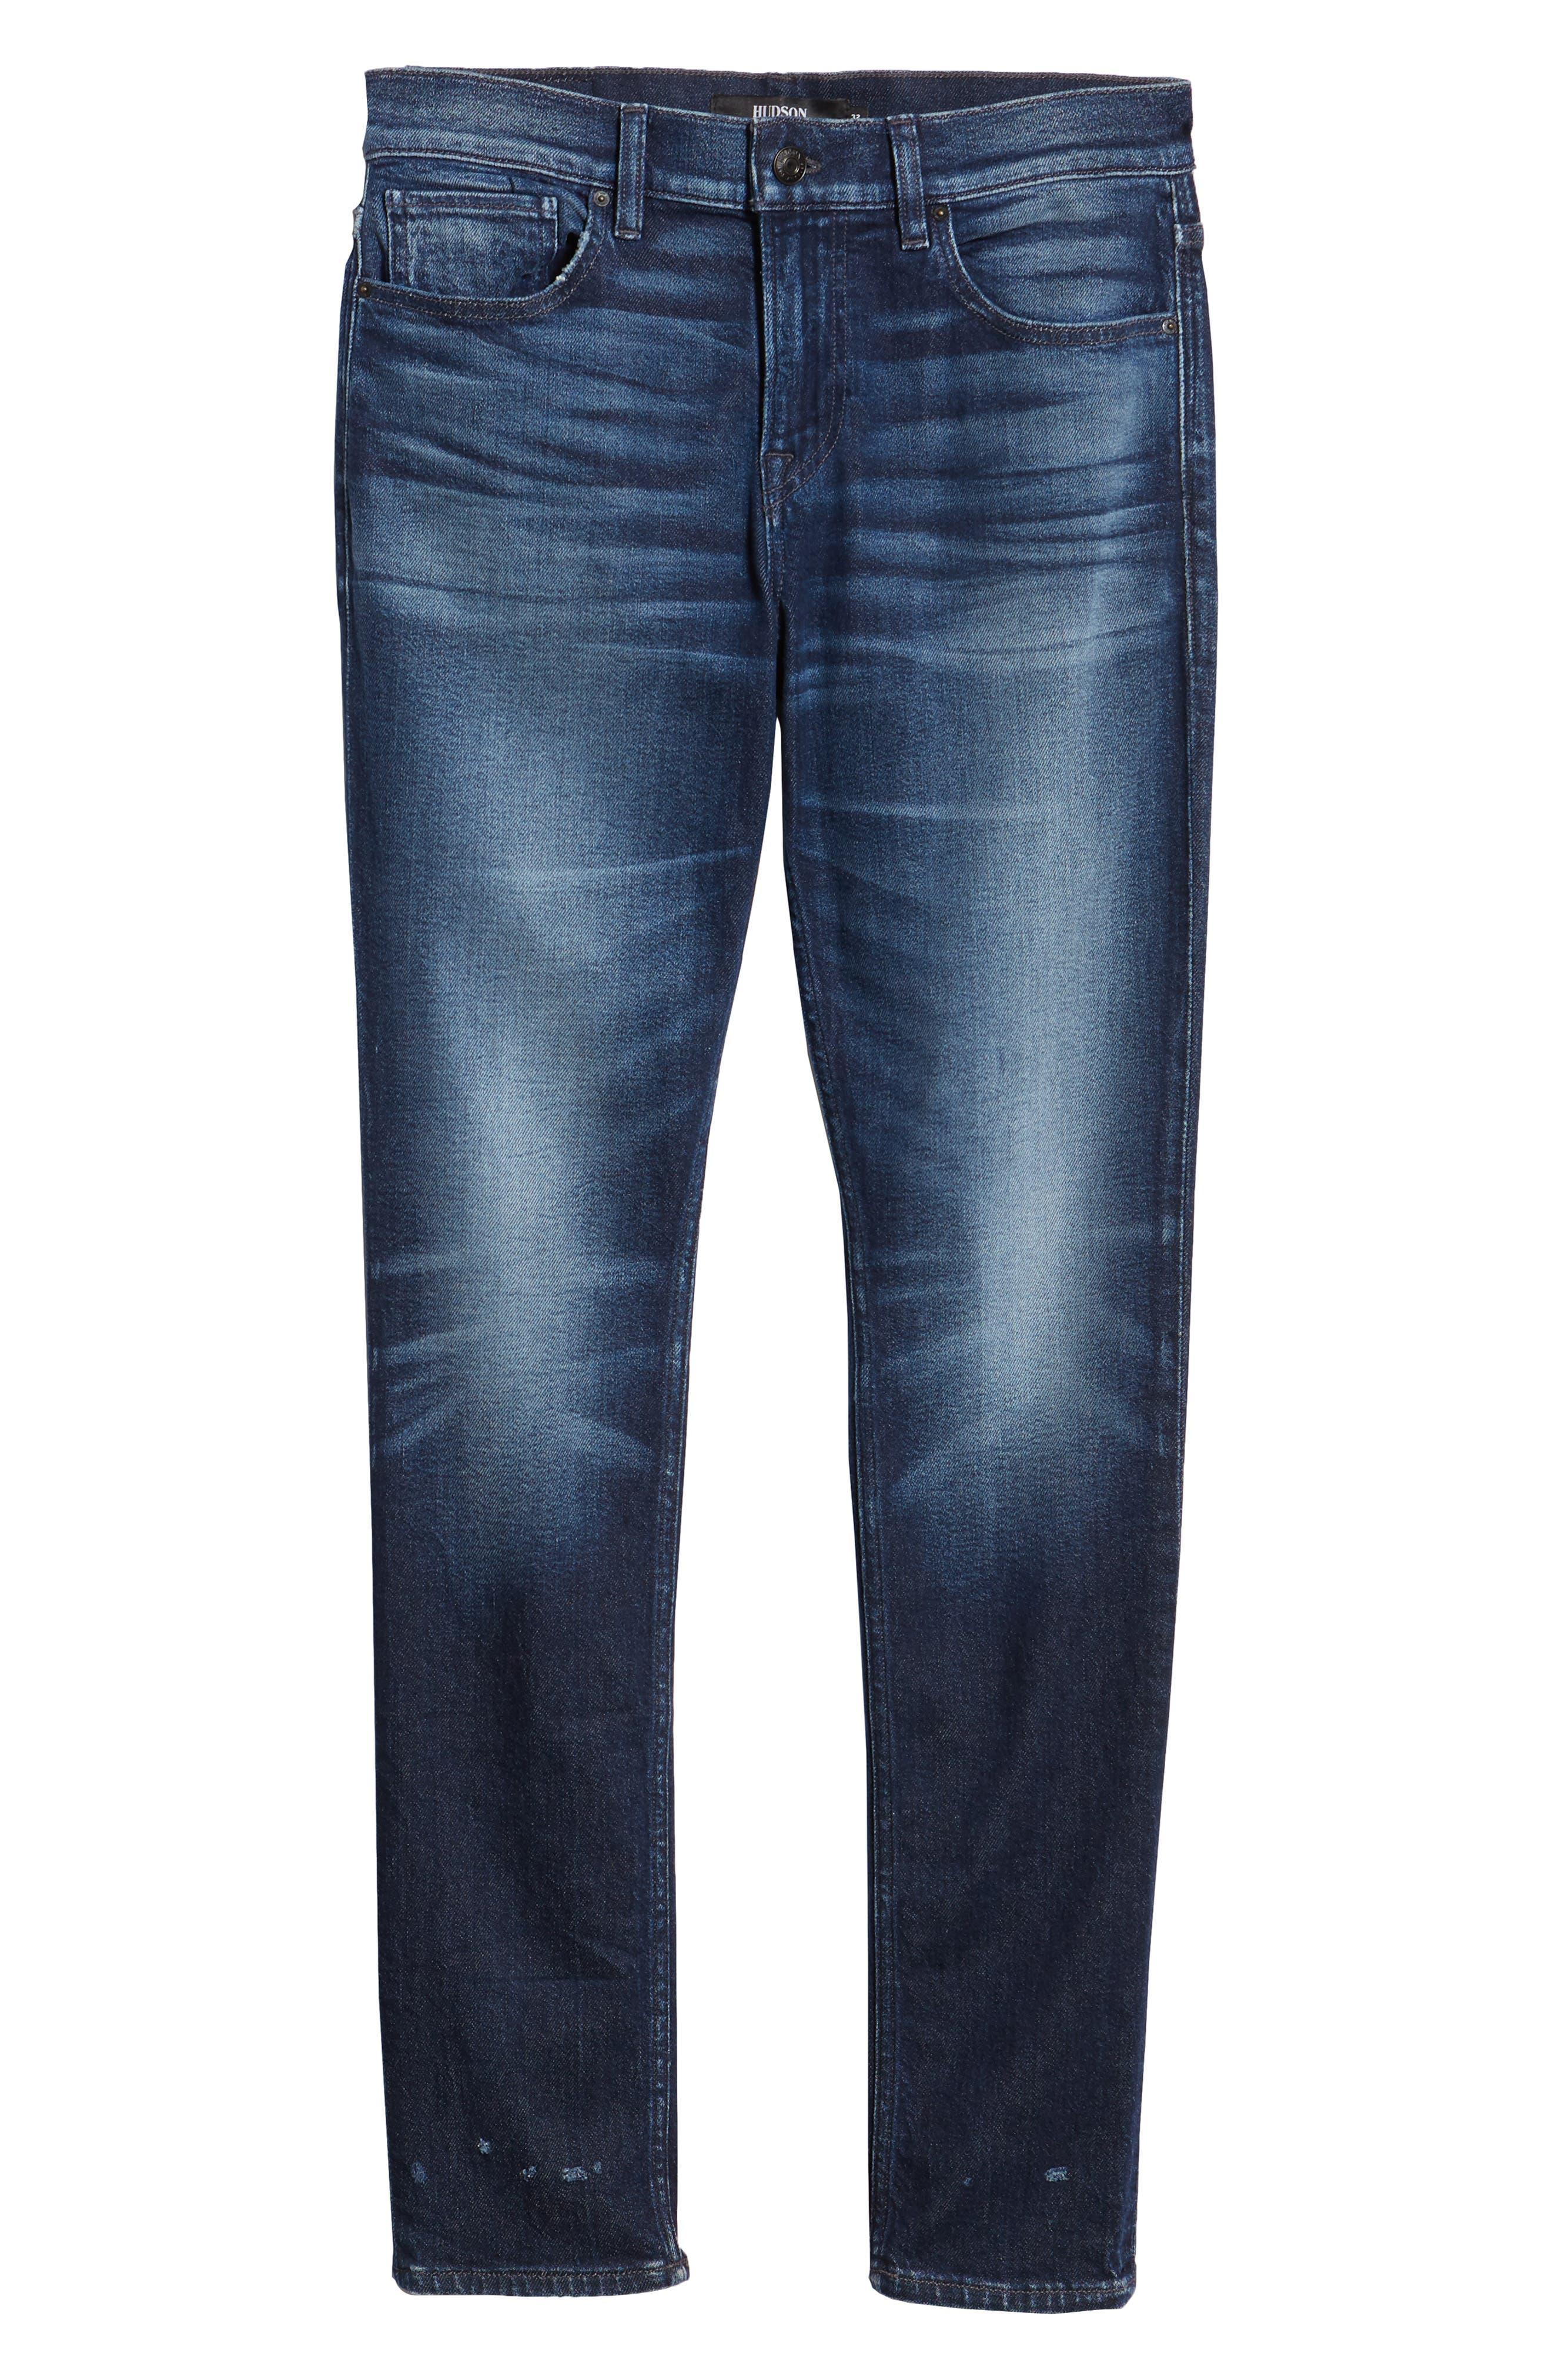 Axl Skinny Fit Jeans,                             Alternate thumbnail 6, color,                             BENNETT